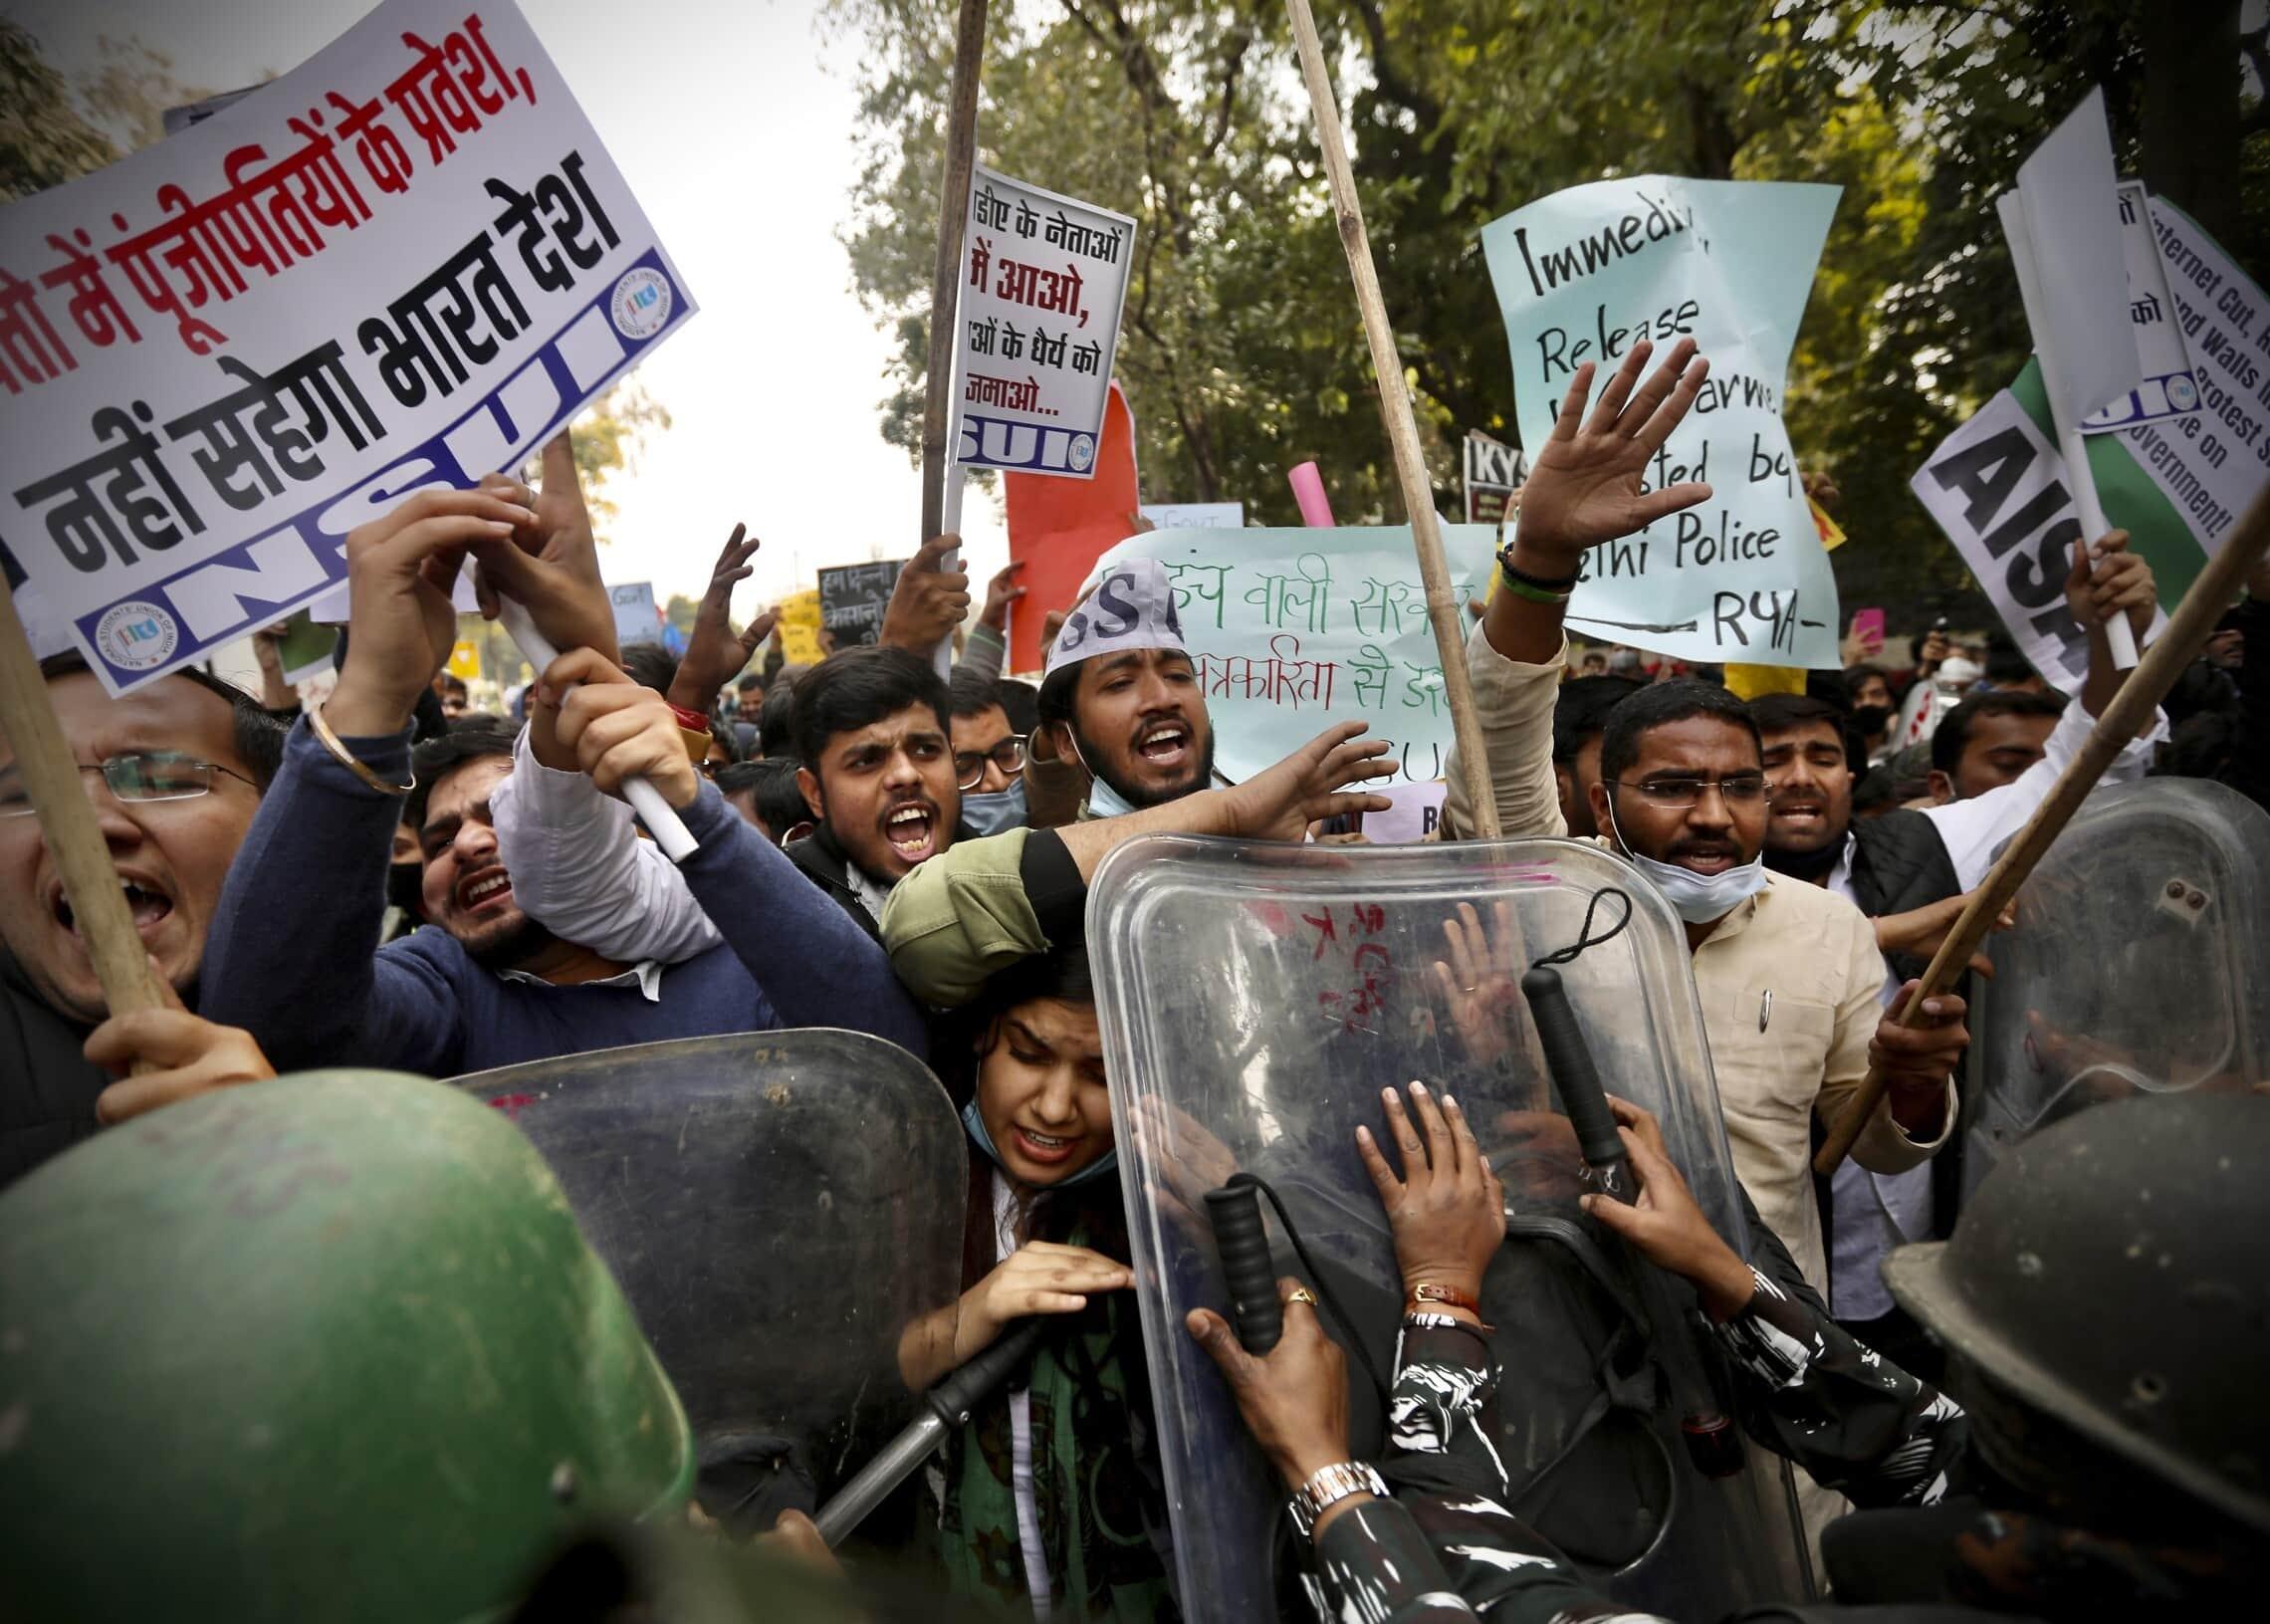 המשטרה מנסה לעצור את המפגינים בניו דלהי, הודו, ב-3 בפברואר 2021 (צילום: AP Photo/Manish Swarup)